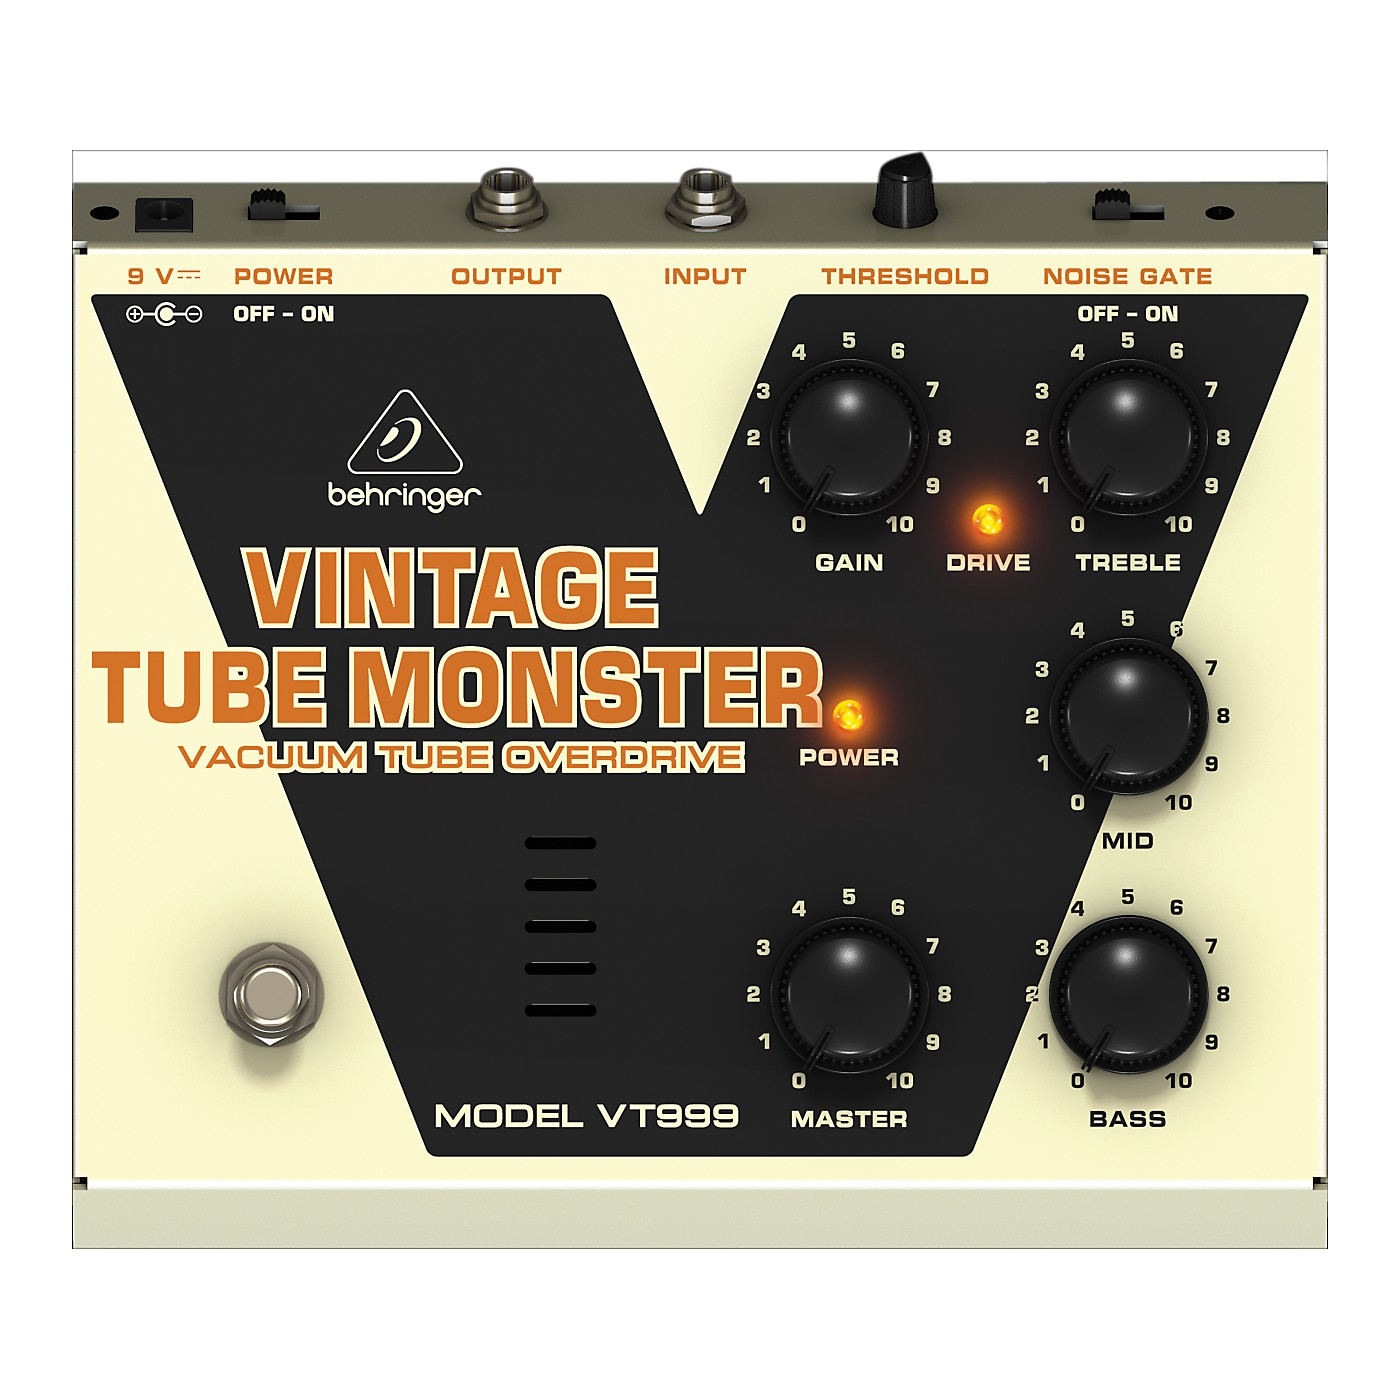 Behringer VT999 Vintage Tube Monster Classic Tube Overdrive Guitar Effects Pedal thumbnail